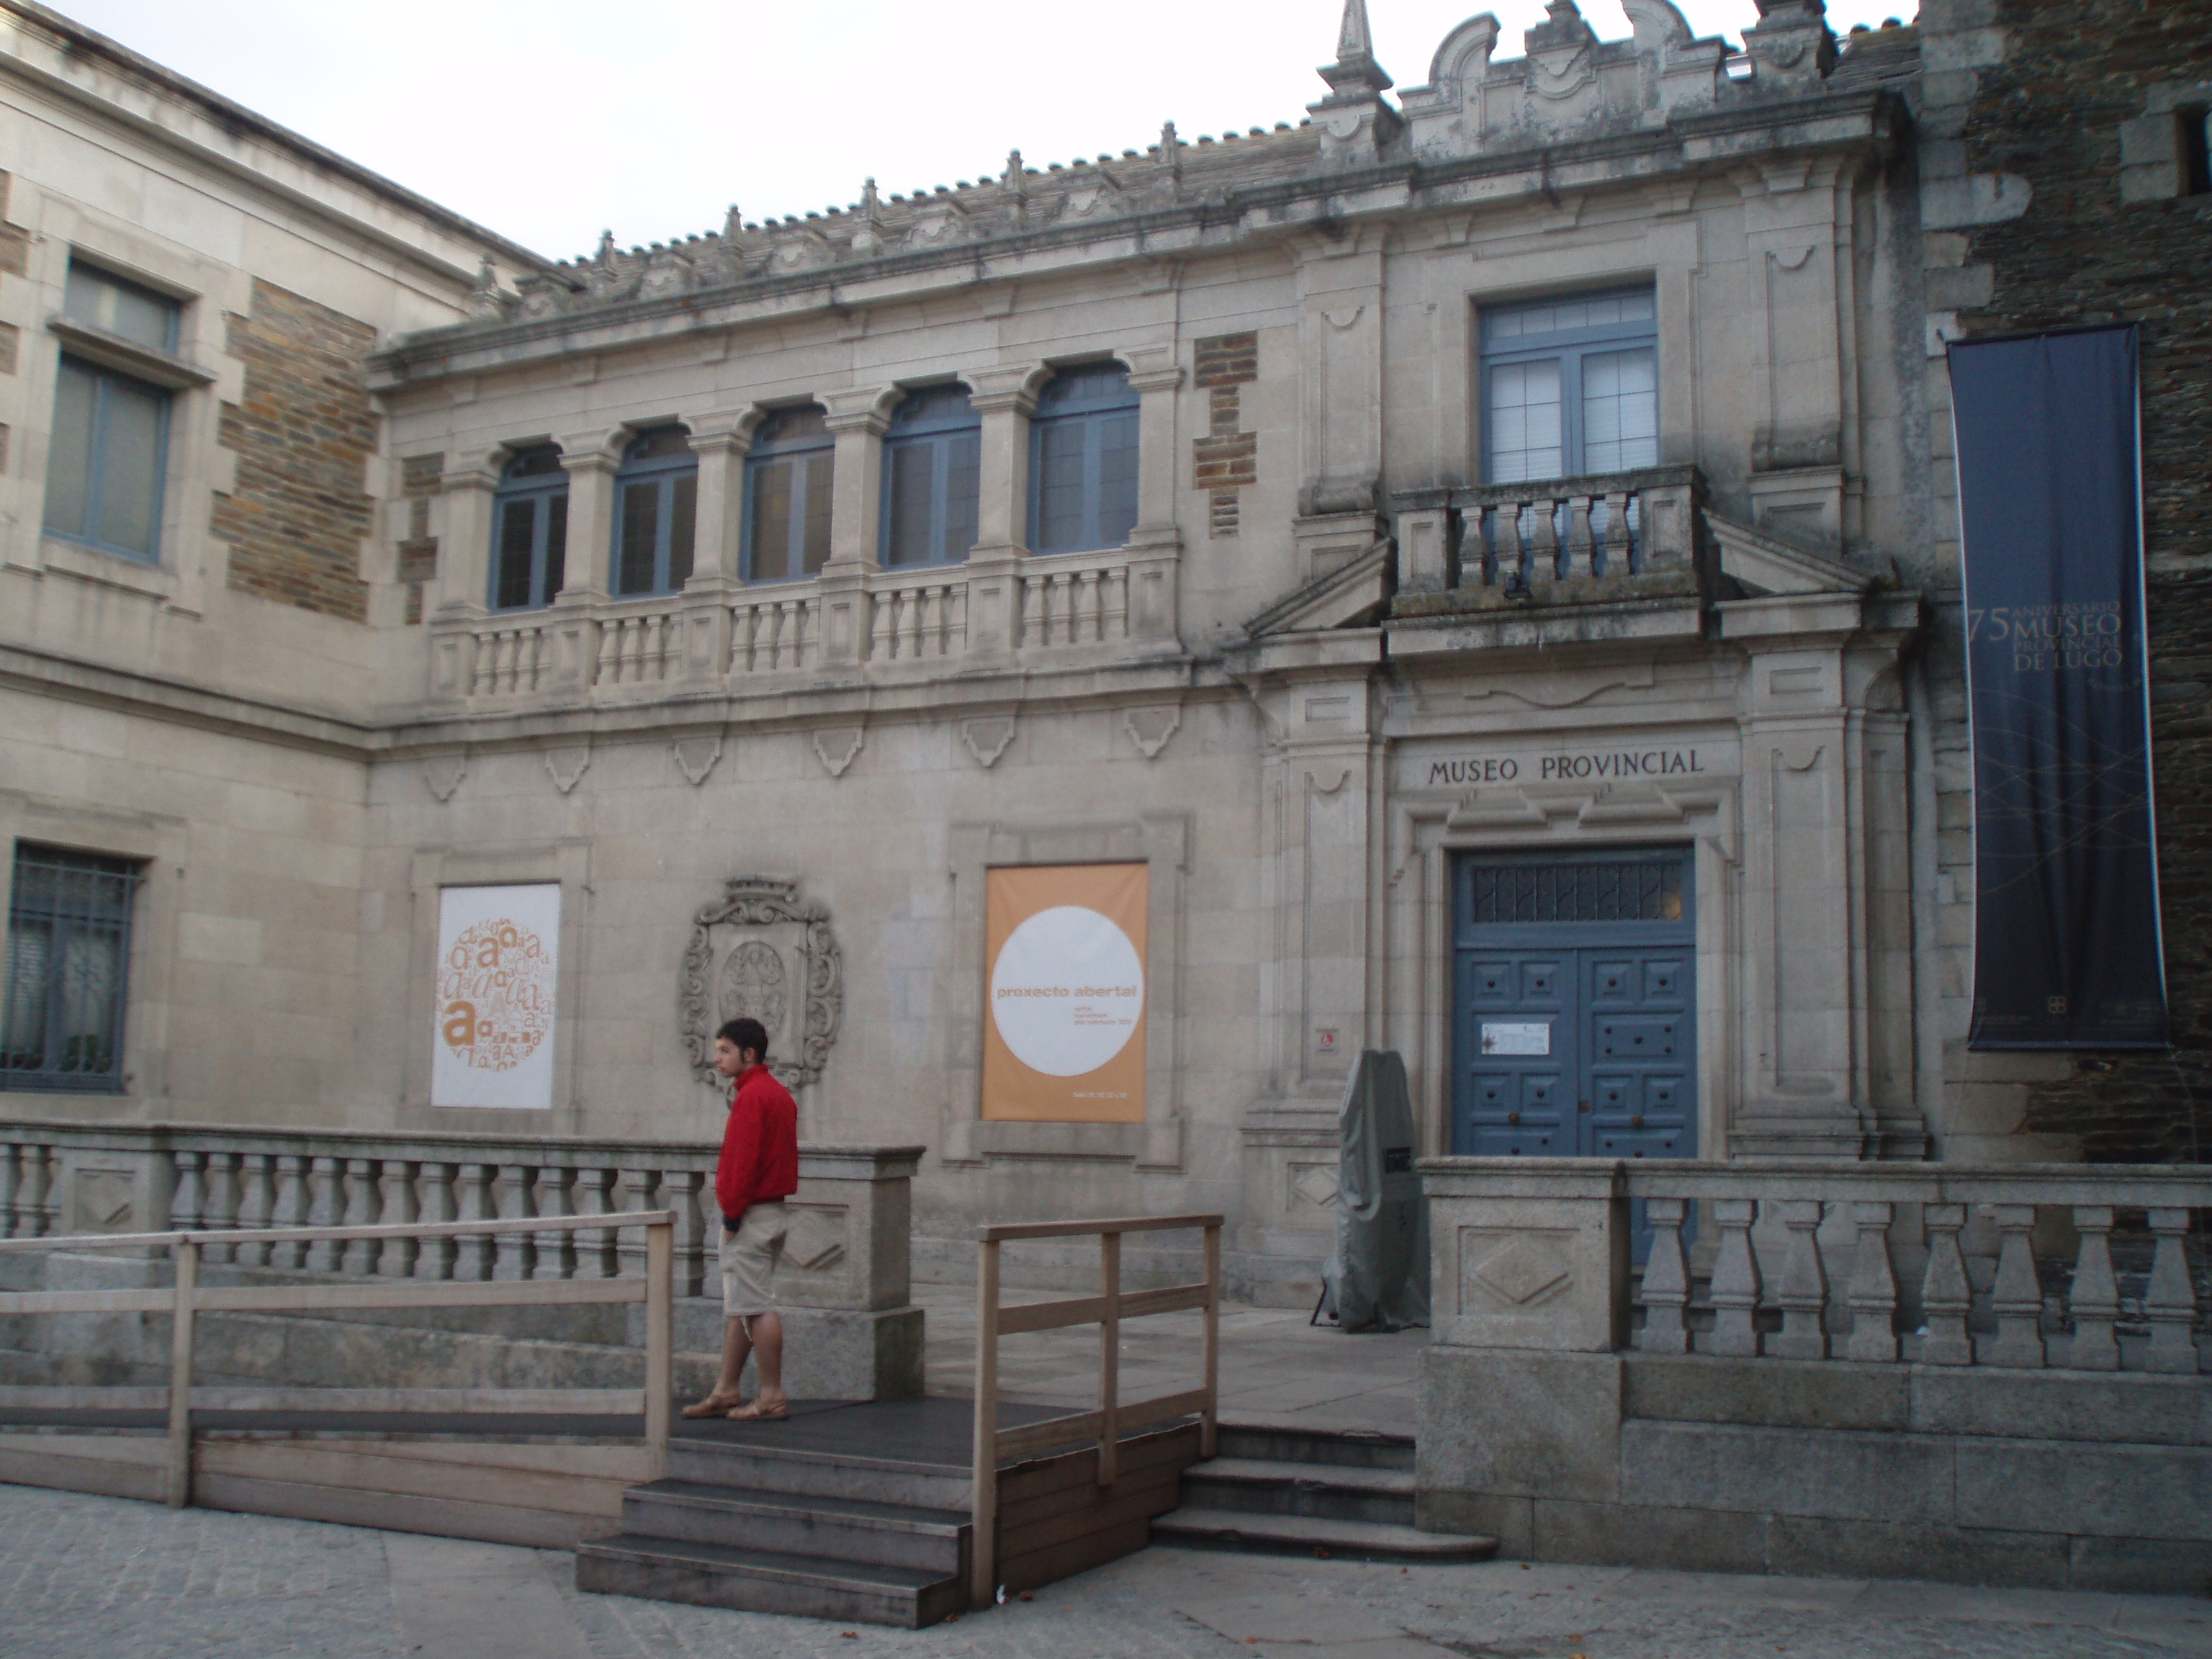 Museo Provincial de Lugo - Wikipedia, la enciclopedia libre